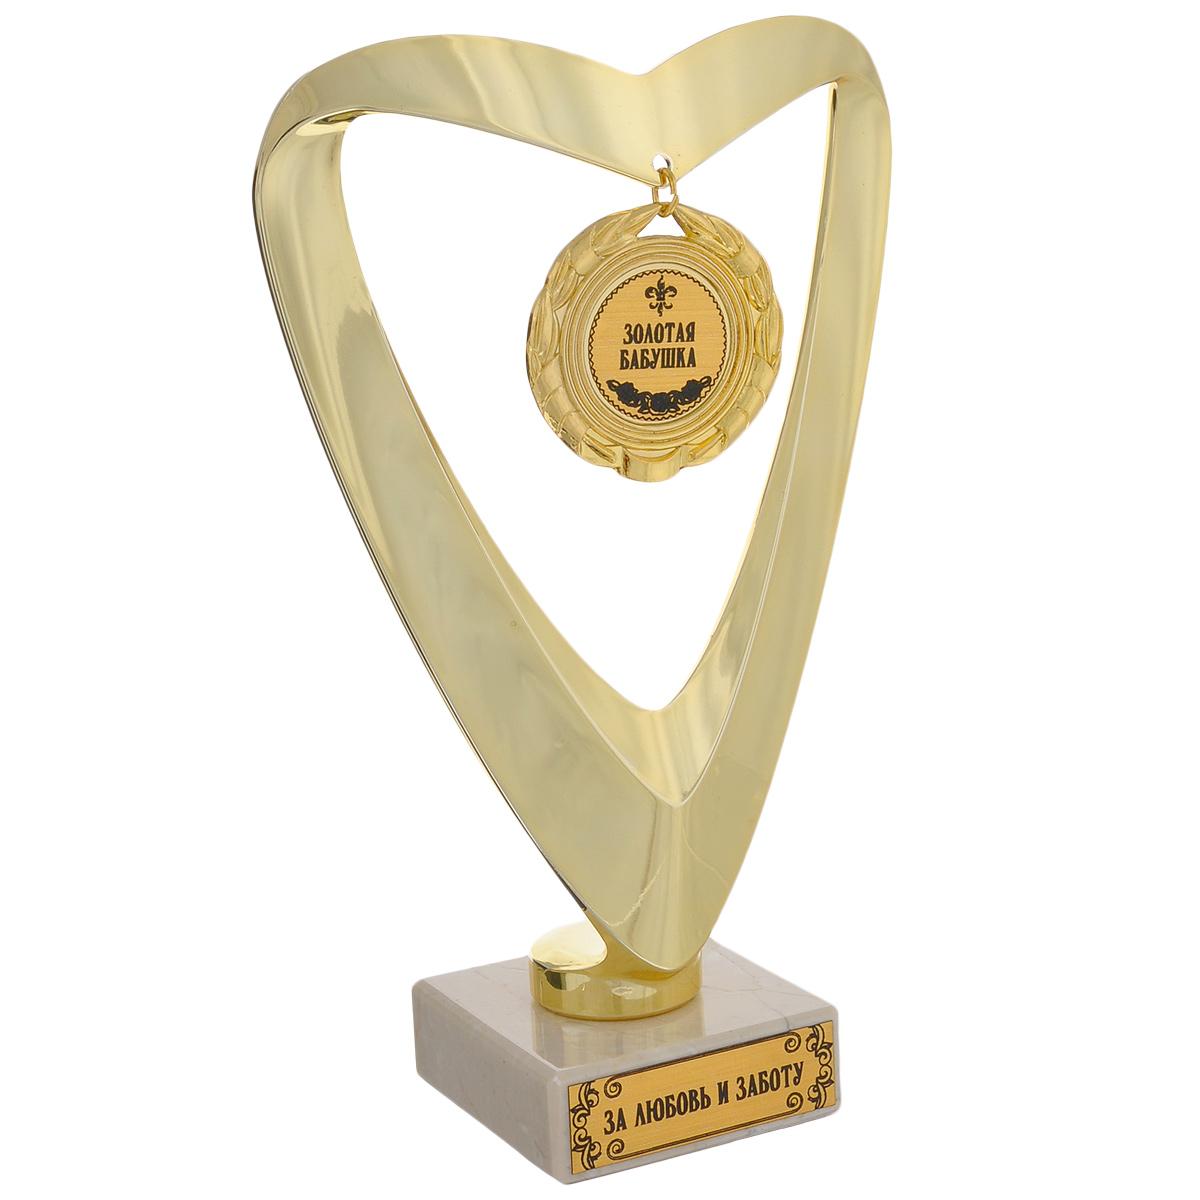 Кубок Сердце. Золотая бабушка, высота 18,5 см030501003Кубок Сердце. Золотая бабушка станет замечательным сувениром. Кубок выполнен из пластика с золотистым покрытием. Основание изготовлено из искусственного мрамора. Кубок имеет форму сердца, декорированного металлической подвеской с надписью Золотая бабушка. Основание оформлено надписью За любовь и заботу. Такой кубок обязательно порадует получателя, вызовет улыбку и массу положительных эмоций.